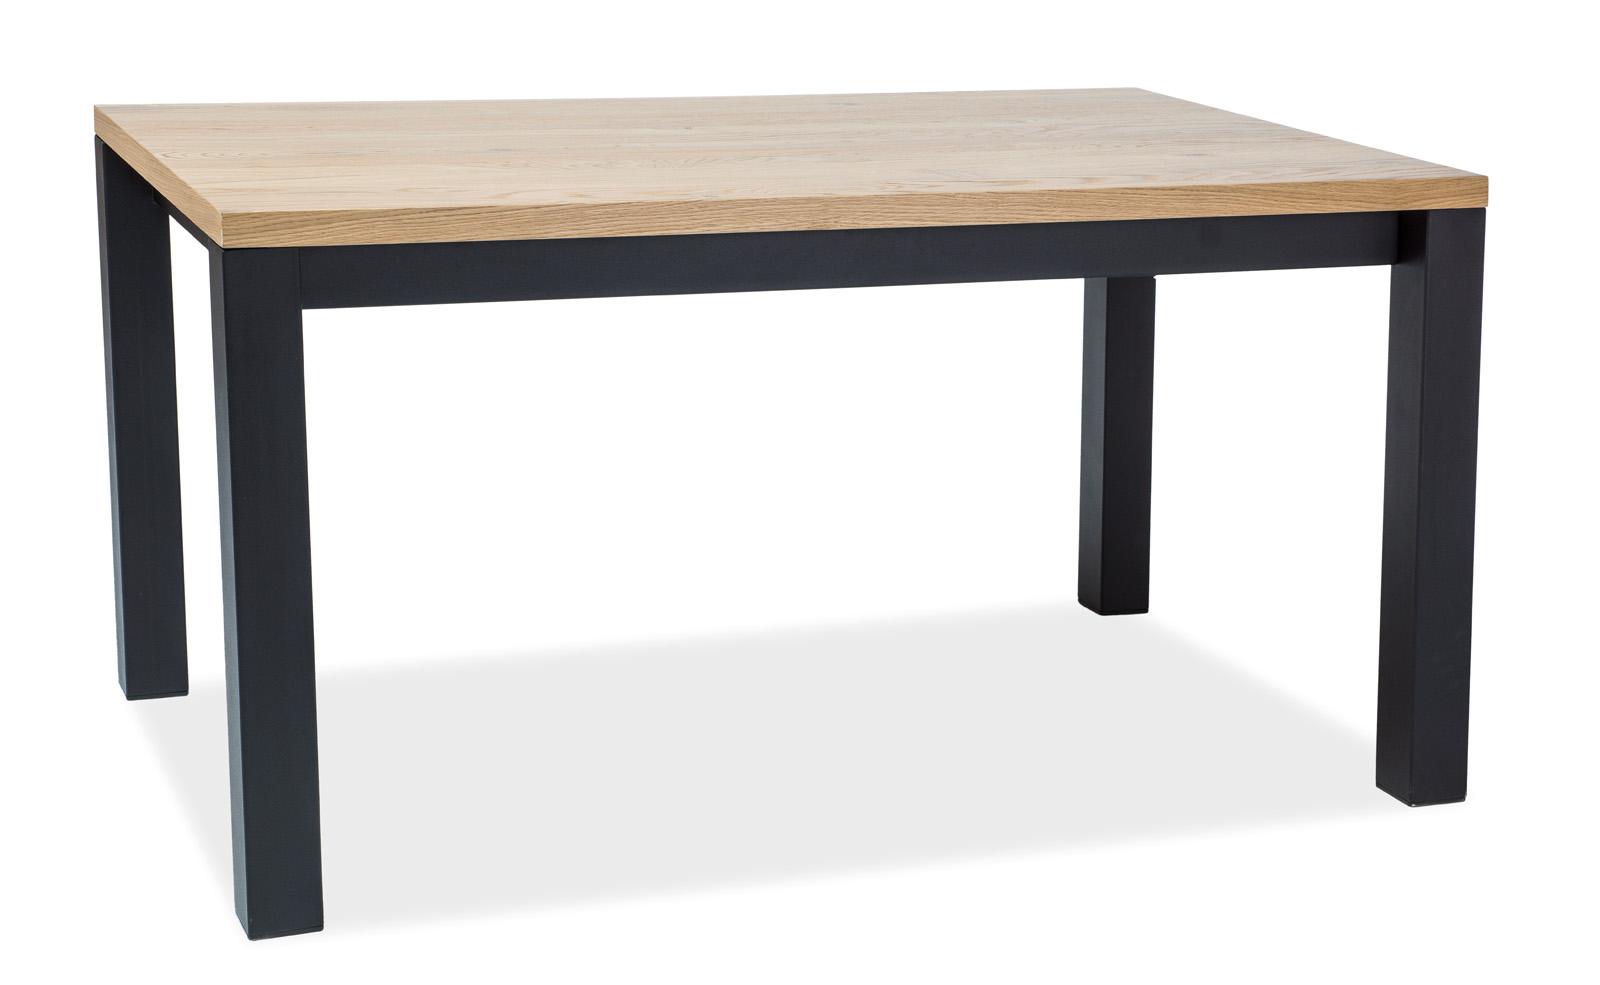 Signal Jedálenský stôl Imperial / Dubová dýha Prevedenie: 77 x 90 x 150 cm